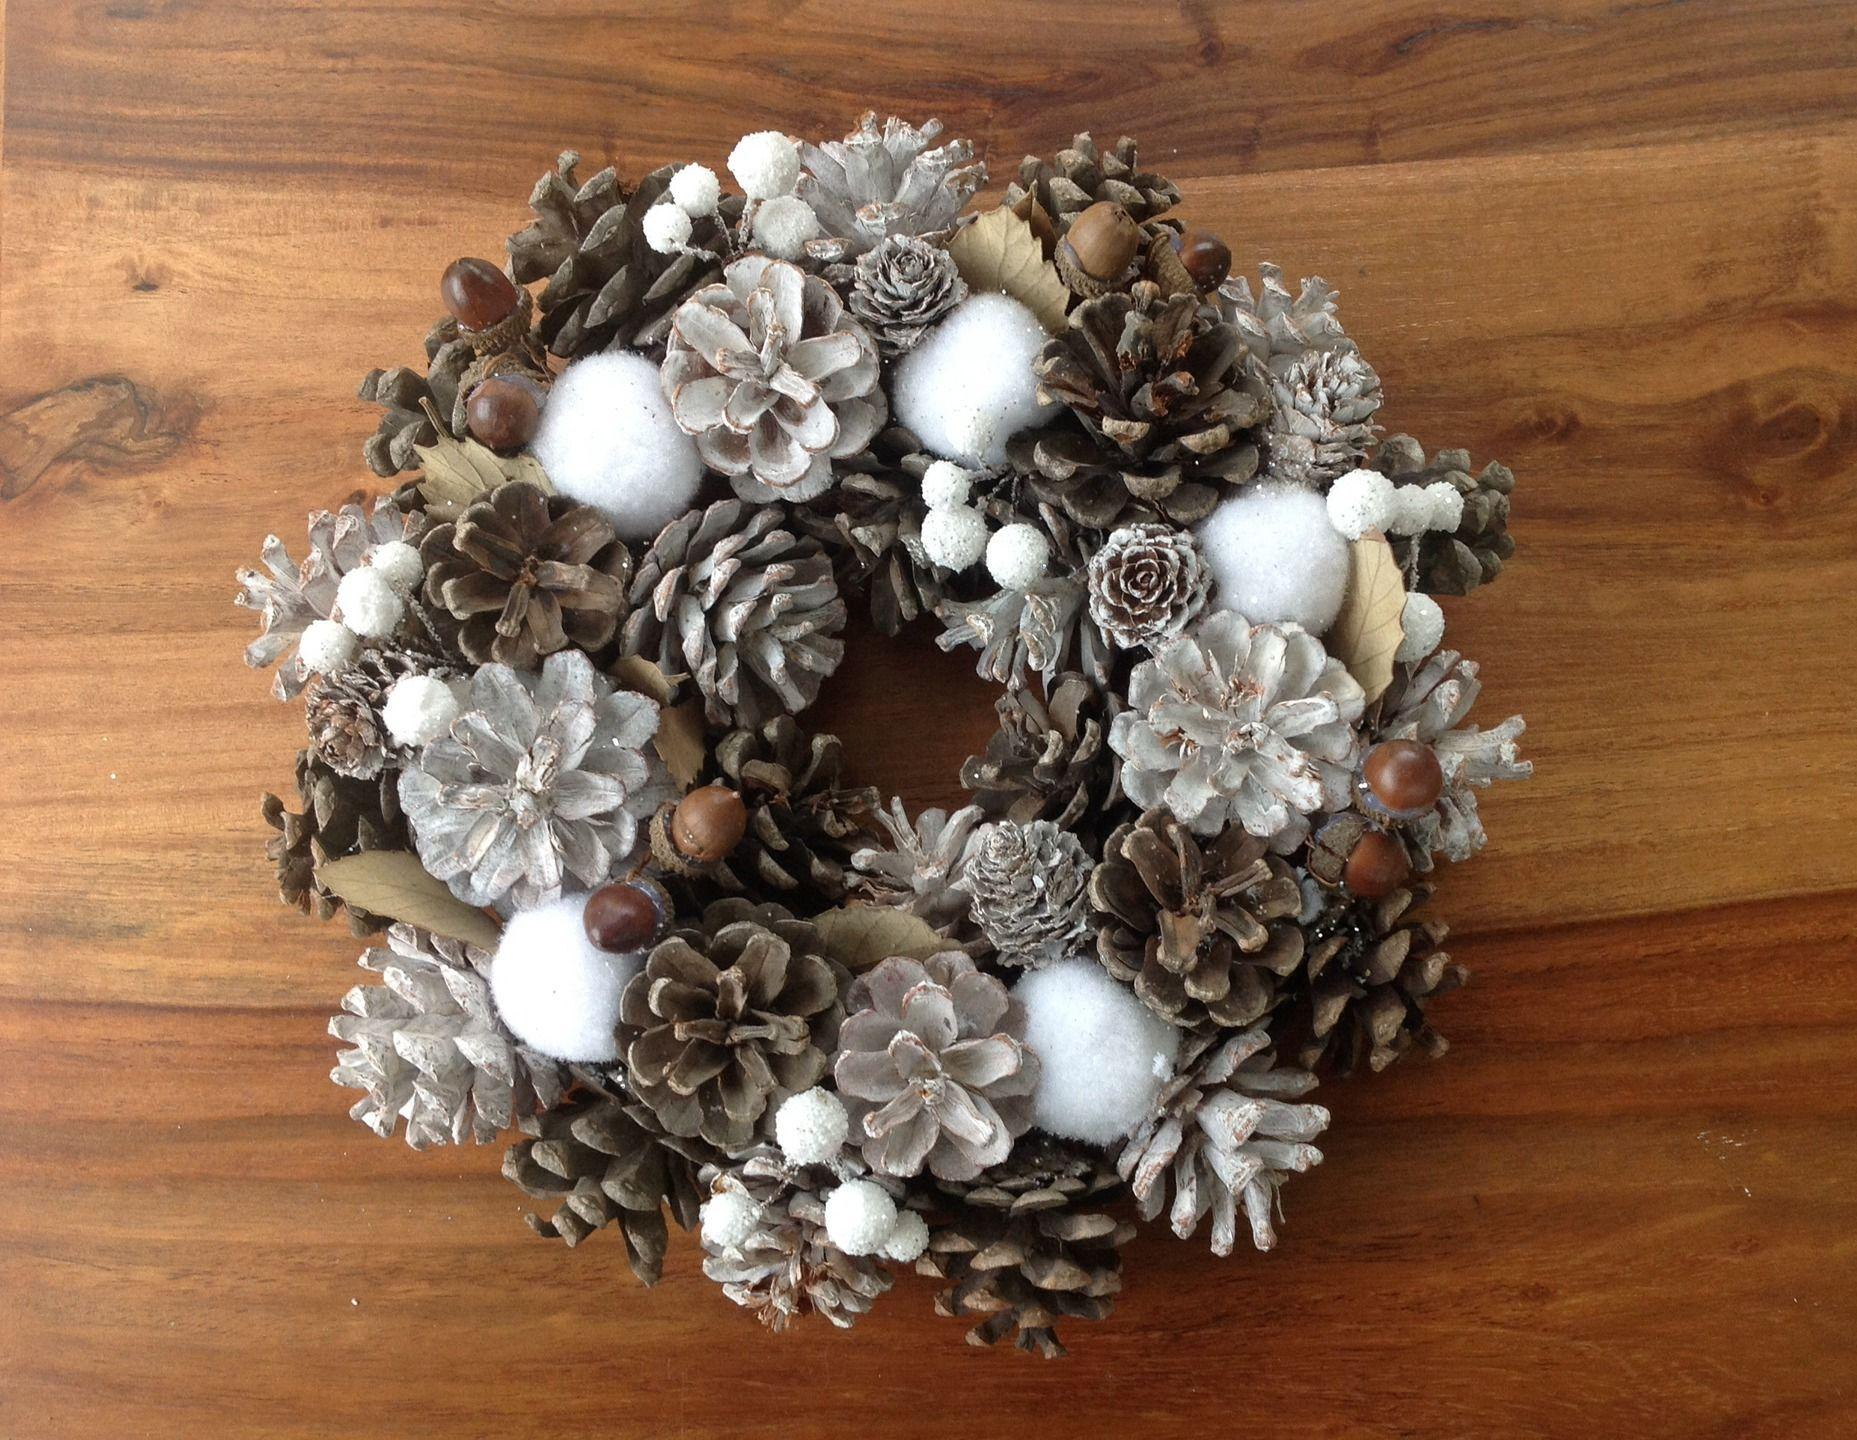 couronne de table noel decoration de table pommes de pin et glands fetes de fin d annee accessoires de maison par a vous les cartes plus